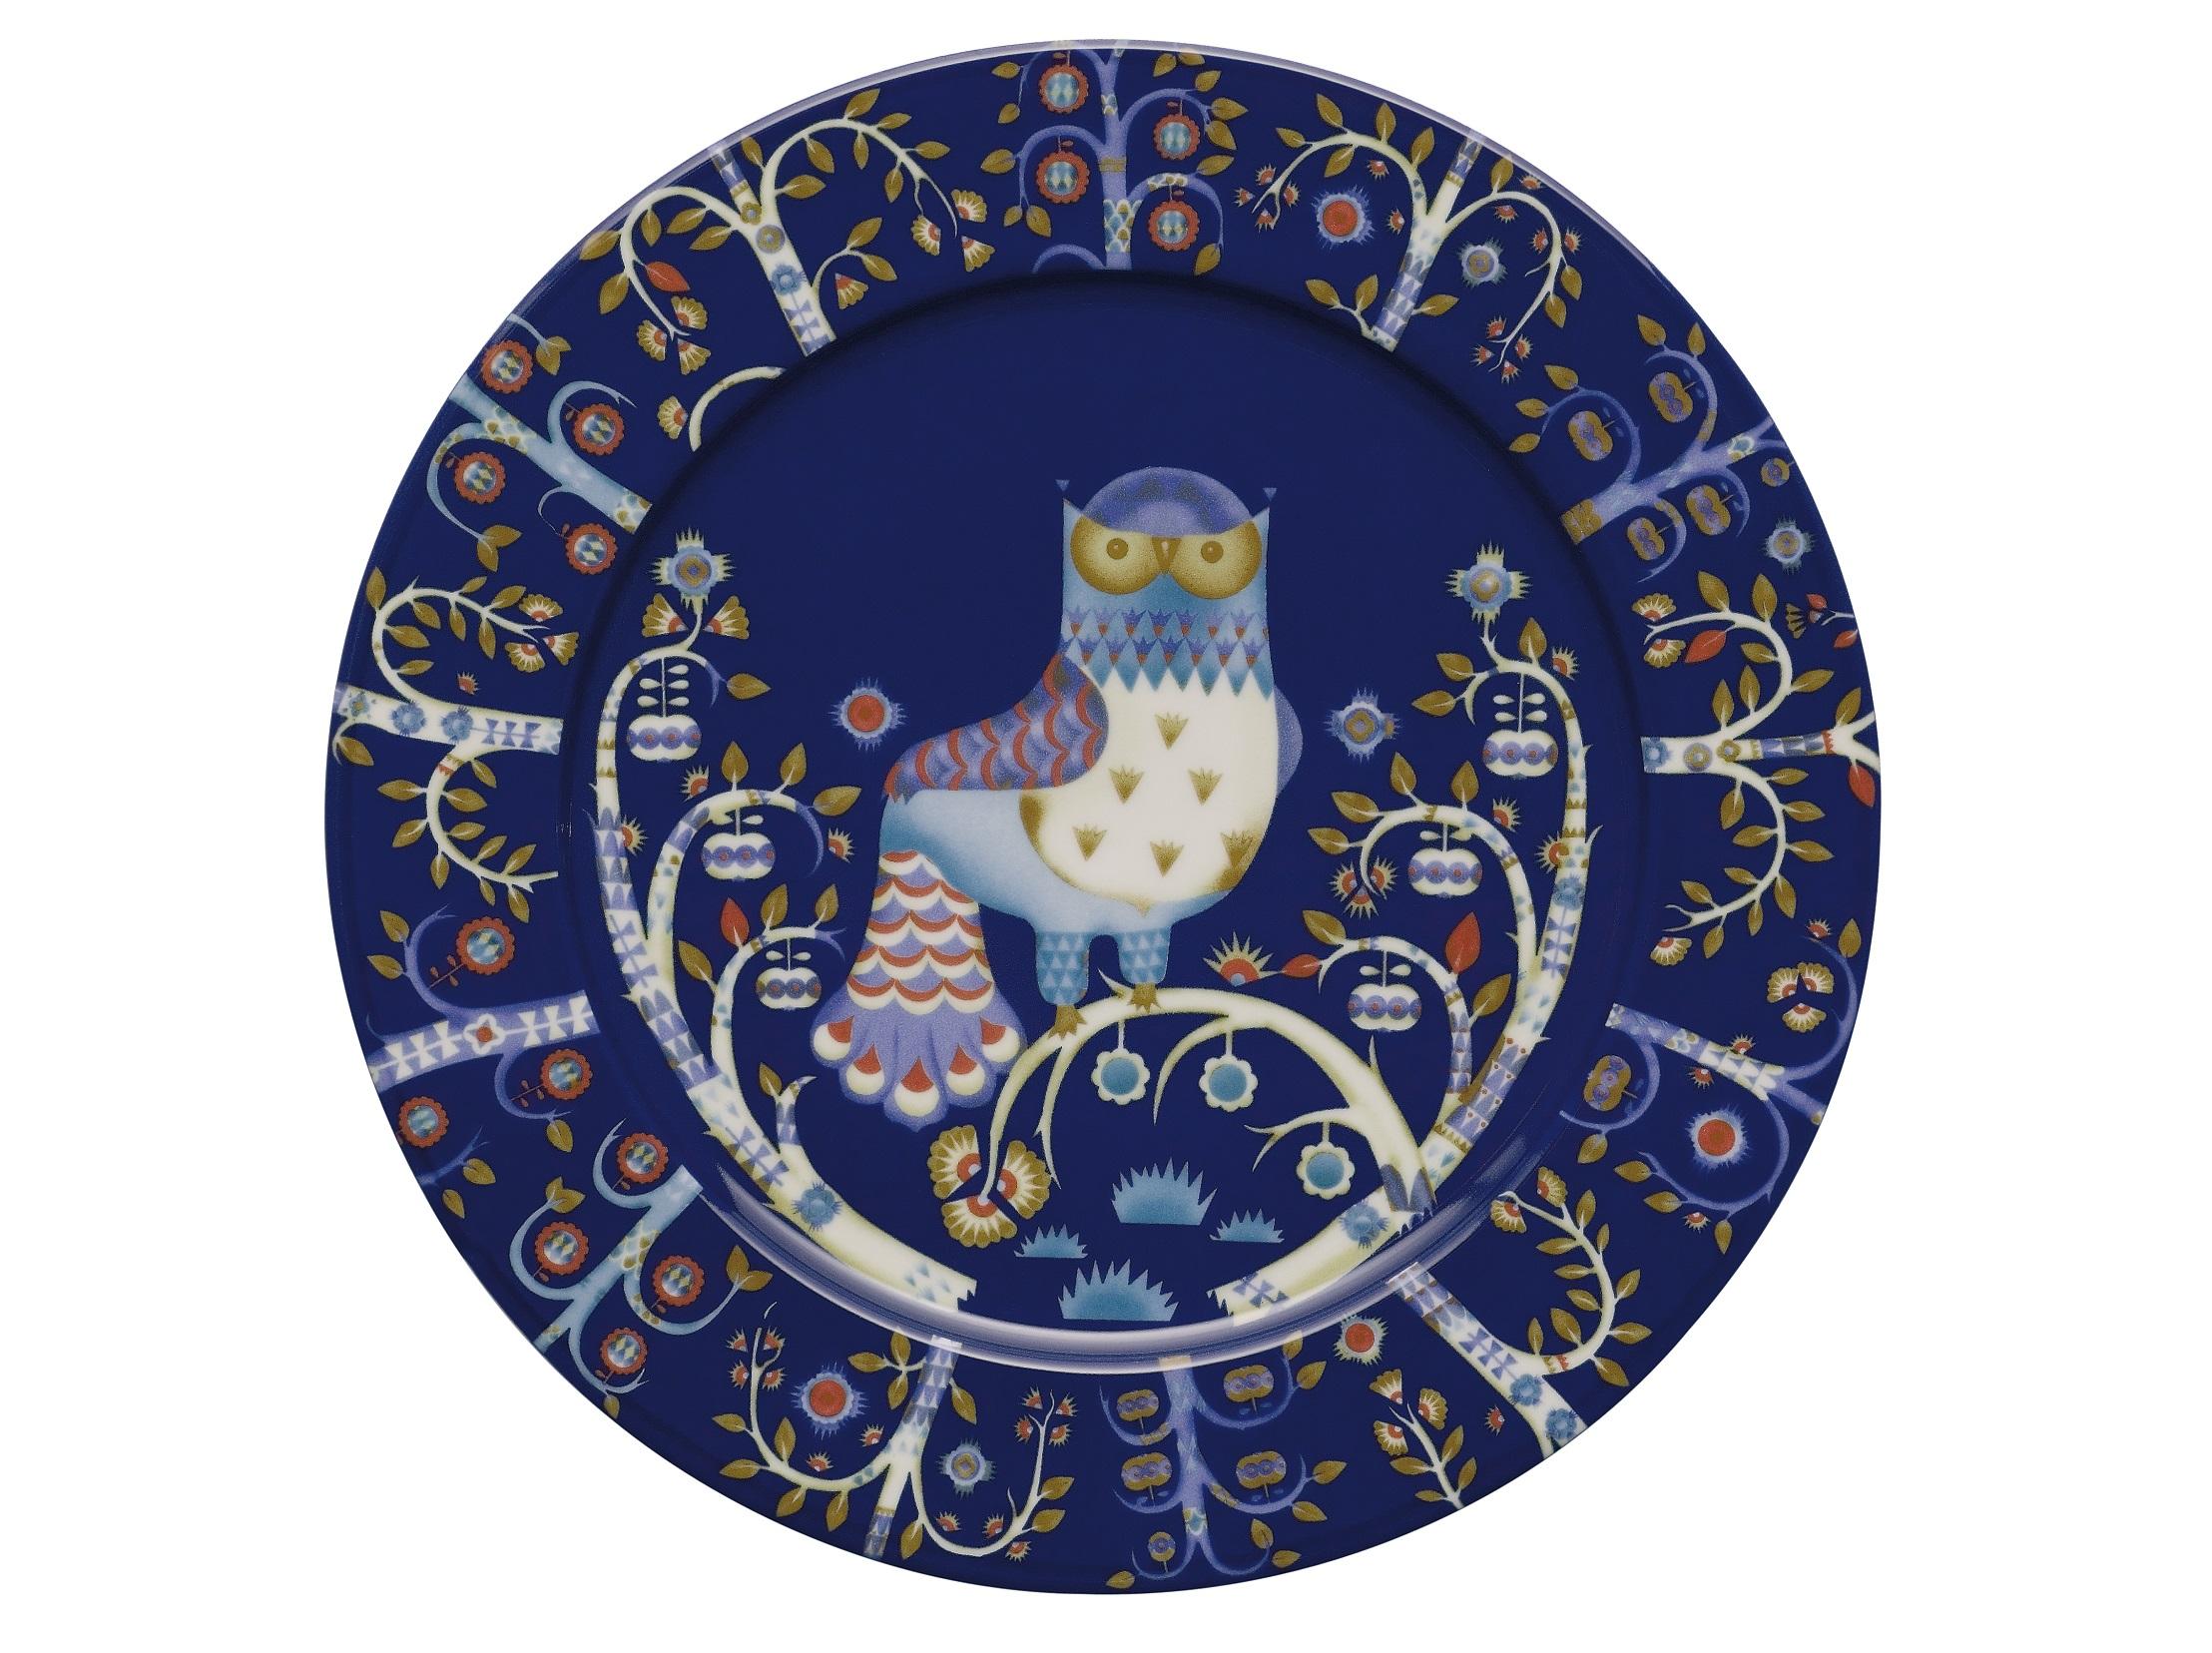 Тарелка TaikaТарелки<br>На финском языке Taika означает «волшебство». Знаменитый финиский дизайнер и иллюстратор Klaus Haapaniemi хочет, чтобы его иллюстрации дали толчок вашему воображению. В сочетании с другими сериями Iittala, Taika позволяет прикоснуться к миру фантазии, впустить волшебство в нашу повседневную жизнь.<br><br>Material: Фарфор<br>Length см: None<br>Width см: None<br>Depth см: None<br>Height см: 1<br>Diameter см: 29